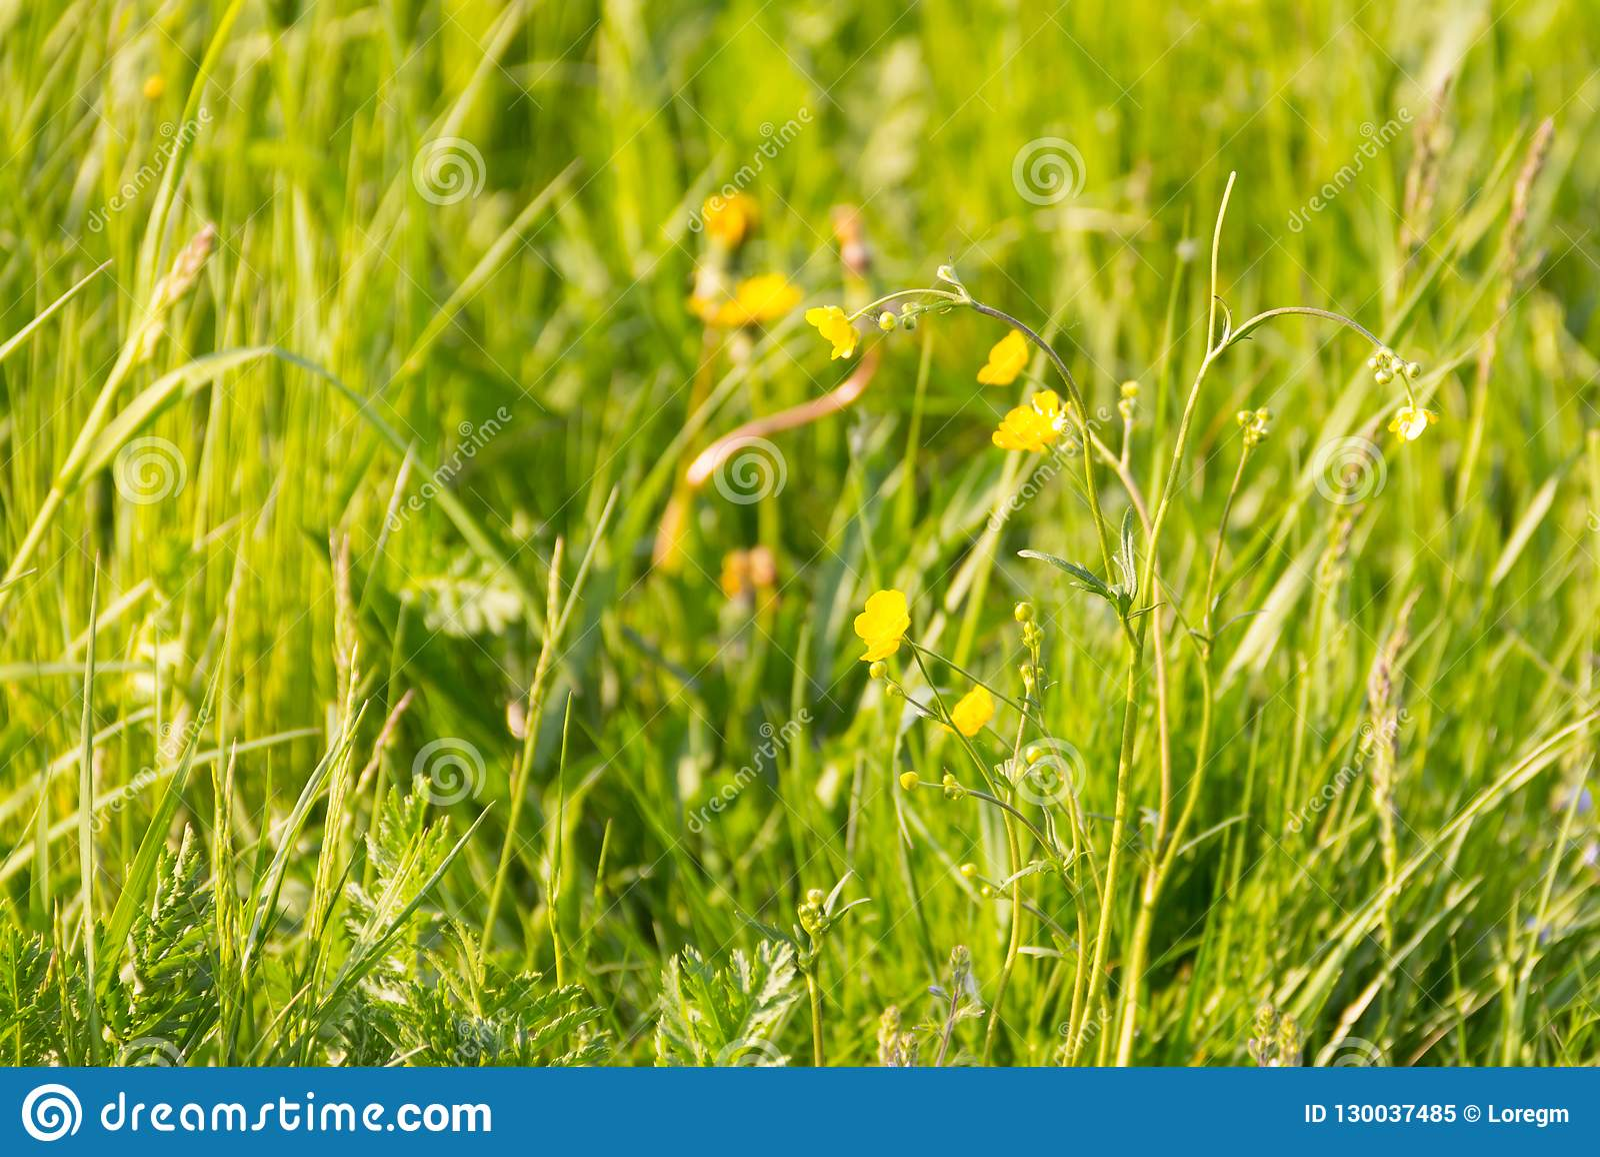 Υποβάθρου ηλιόλουστη πράσινη τομέων κίτρινη λουλουδιών φωτεινή φωτός του ήλιου χαλάρωση υπολοίπου eco βάσεων φυτική